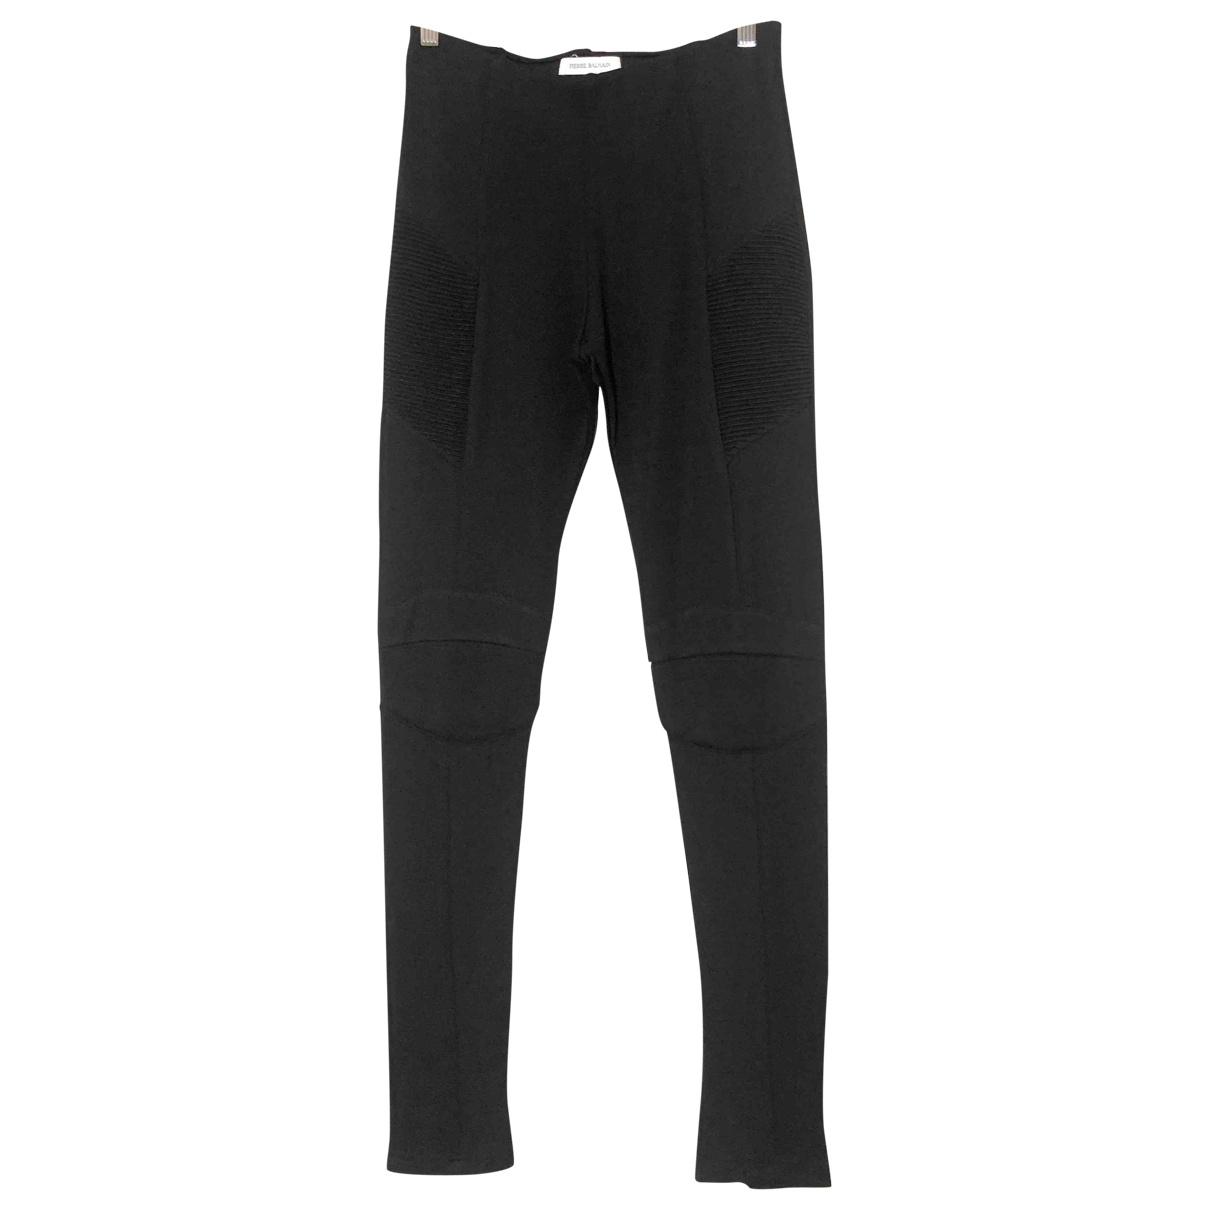 Pierre Balmain \N Black Trousers for Women 44 IT